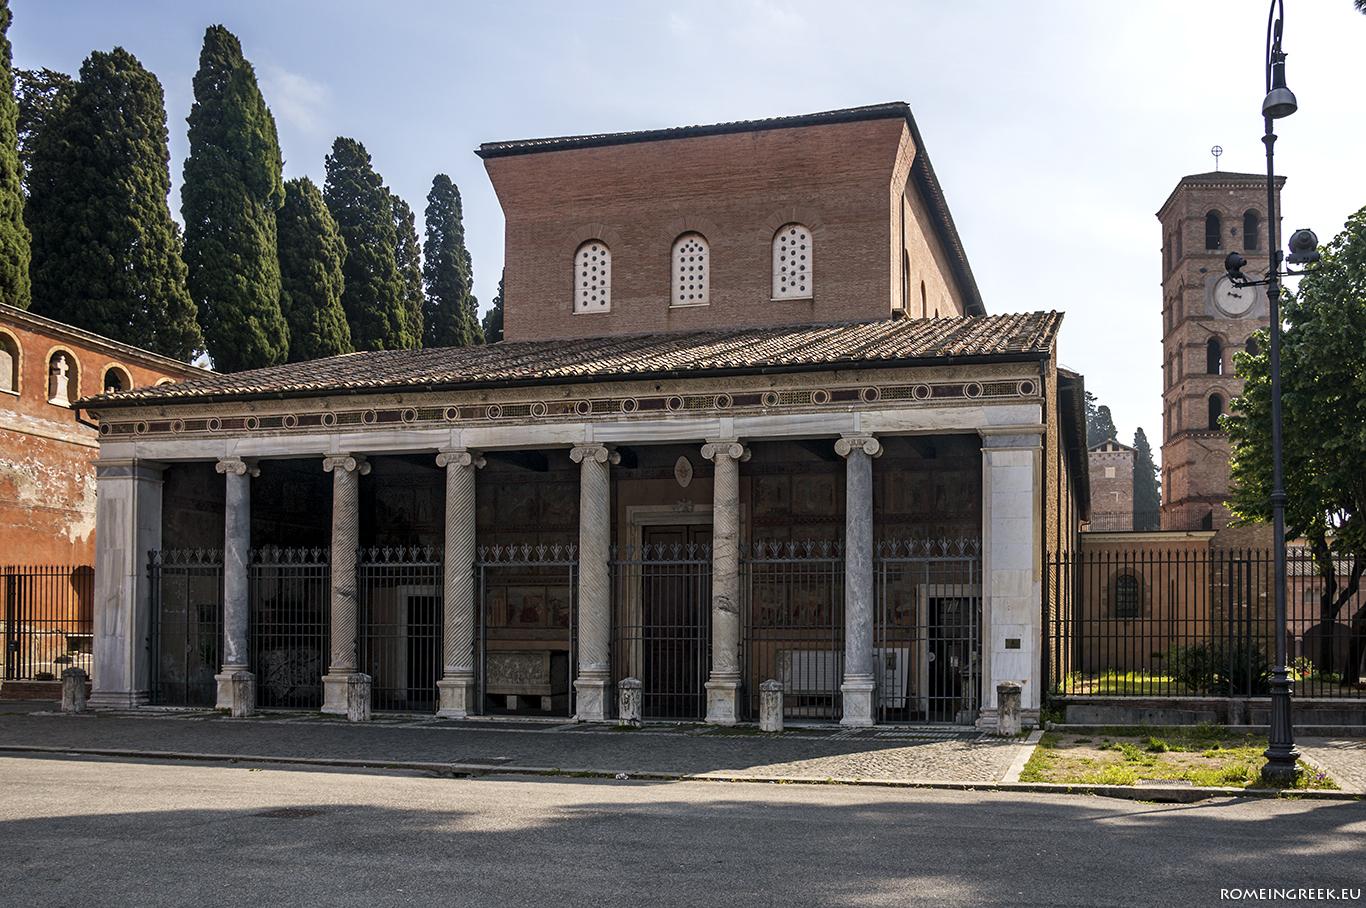 Άγιος Λαυρέντιος εκτός των Τειχών. Πίσω διακρίνεται το ρωμανικό κωδωνοστάσιο και το μοναστήρι των καπουκίνων.